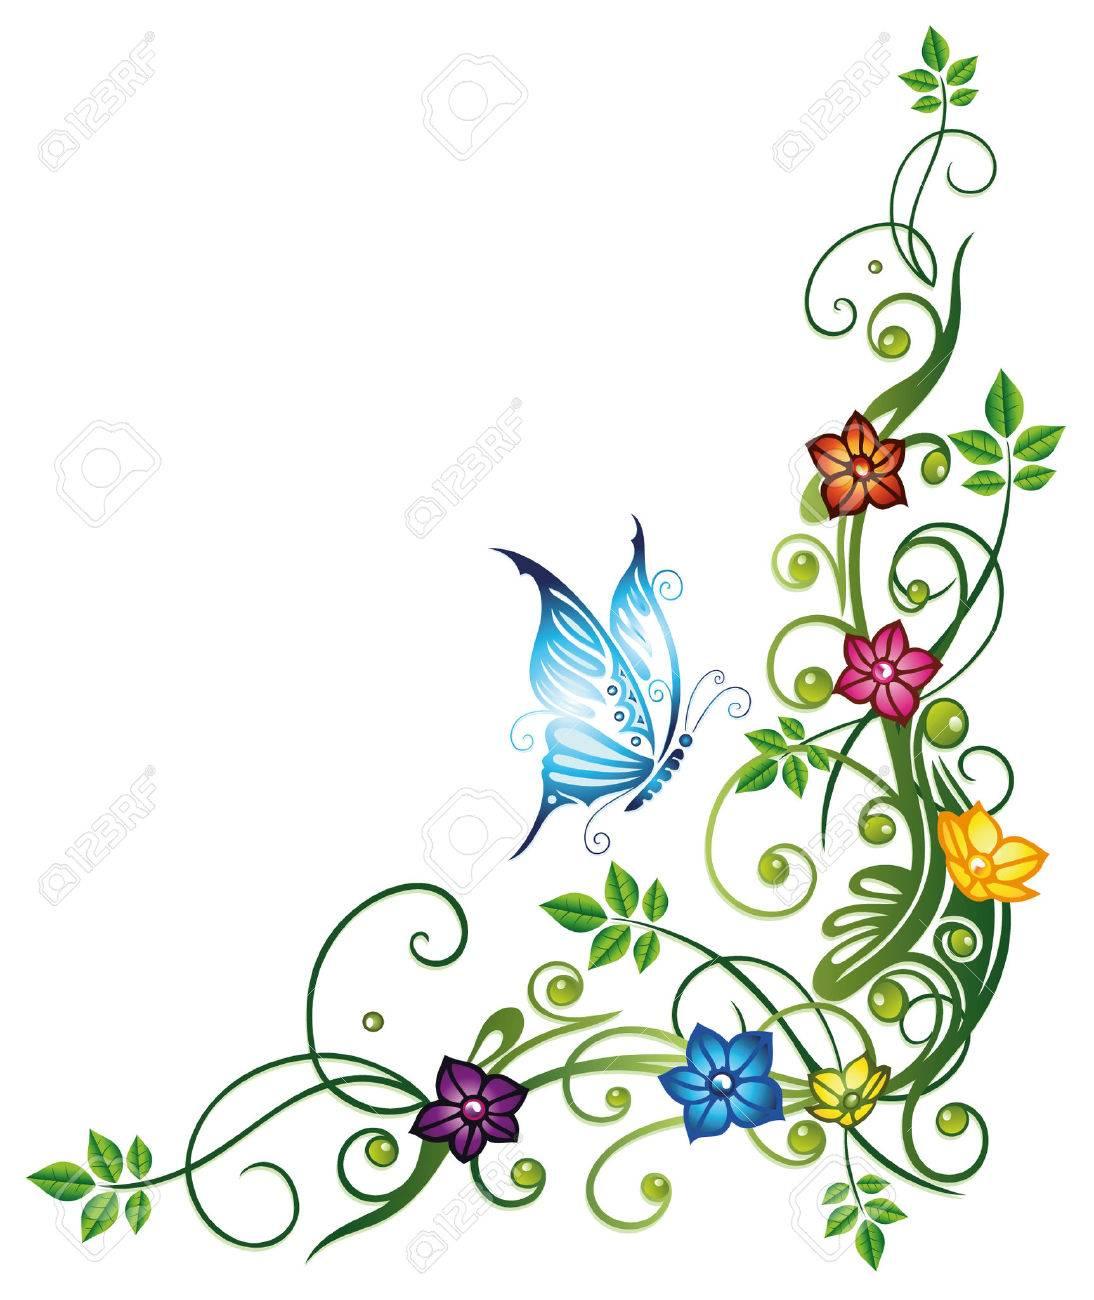 Blätter mit bunten Blüten und Schmetterling Standard-Bild - 23246866